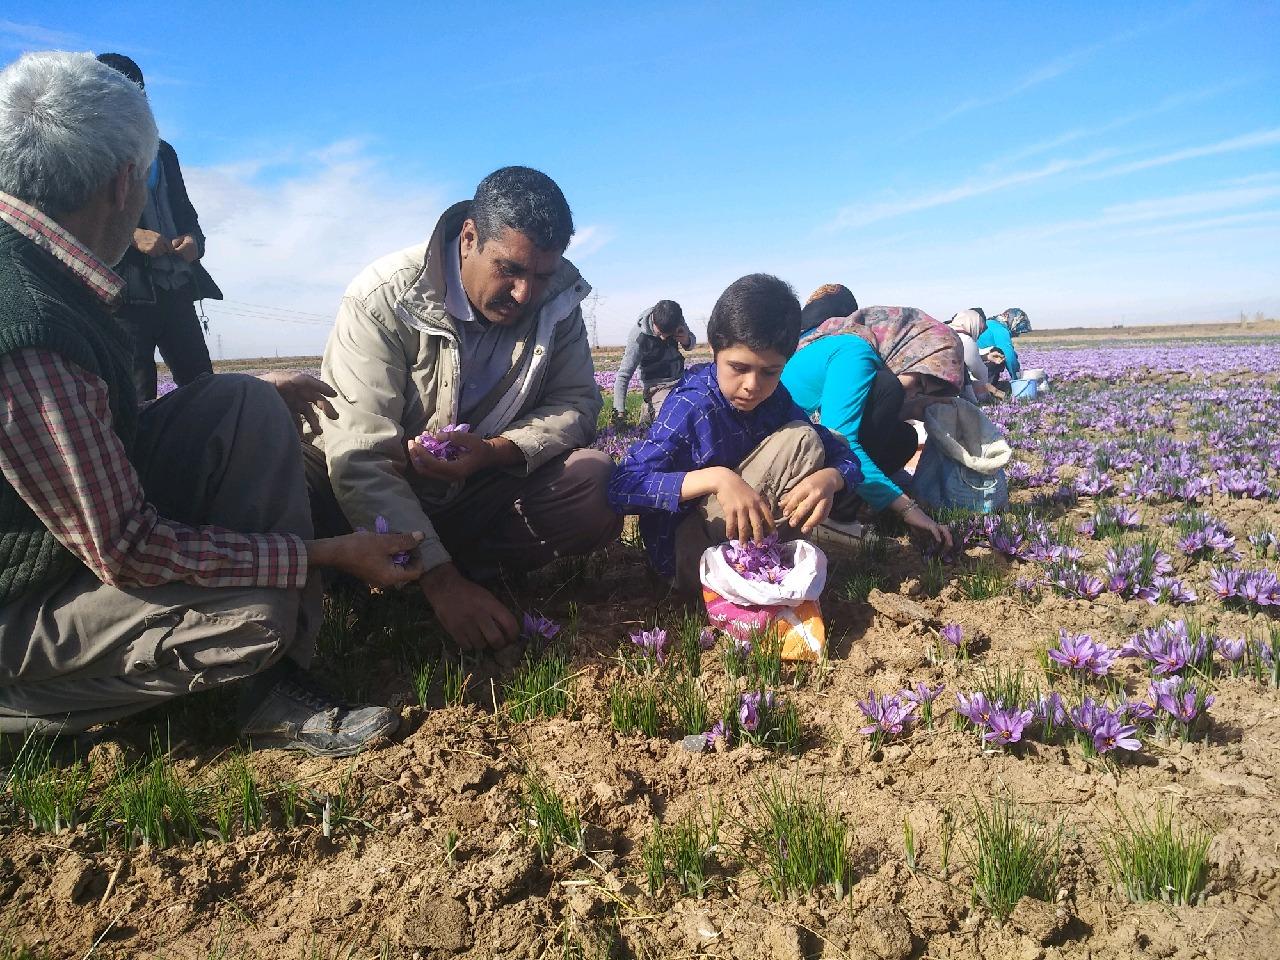 آغاز برداشت زعفران در شهرستان خوشاب